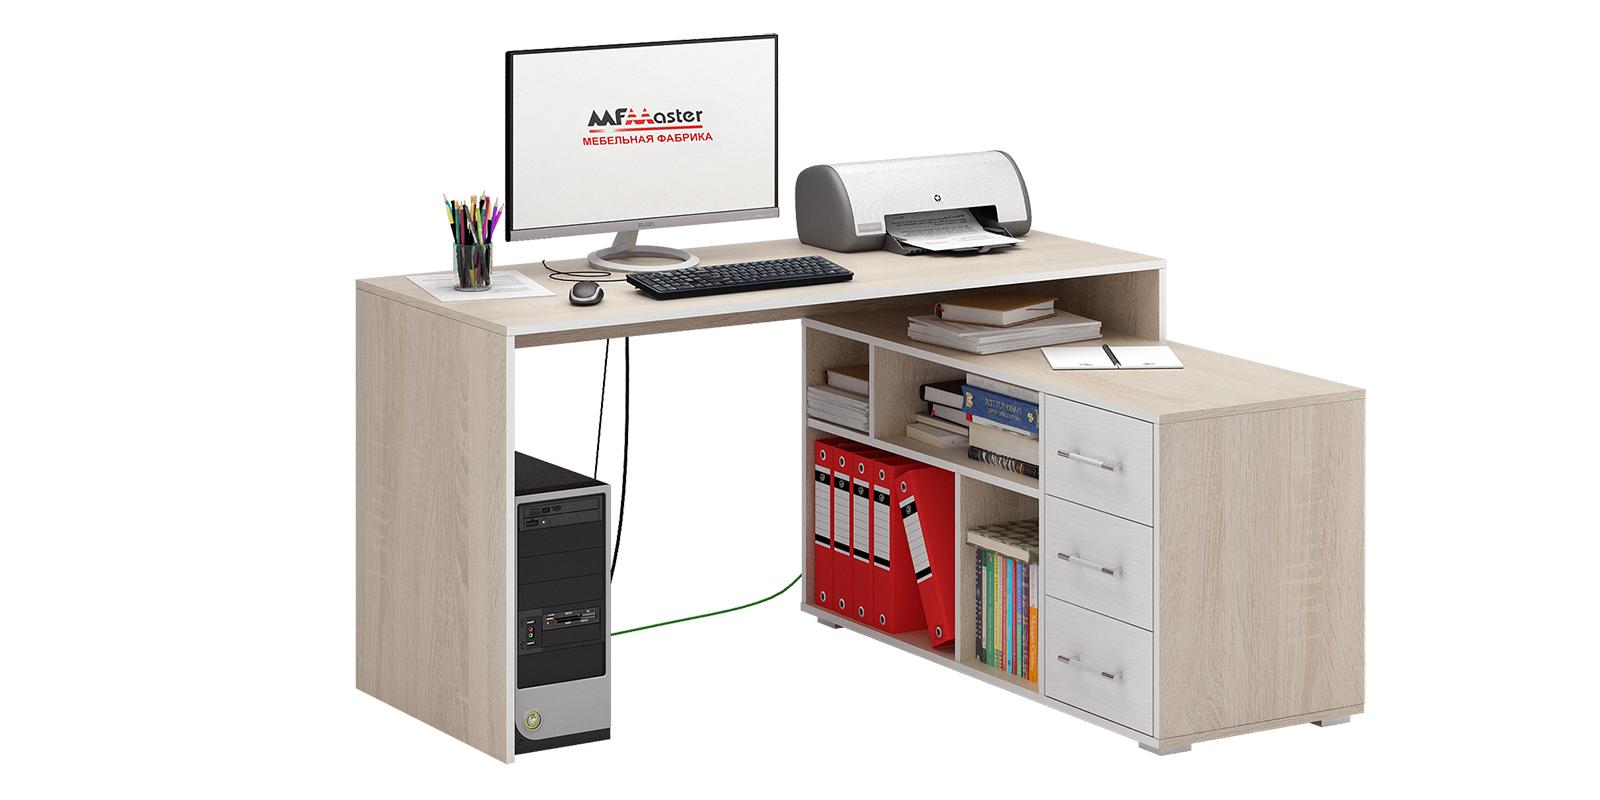 Стол компьютерный Старк правый угол вариант №2 (дуб сонома/белый)